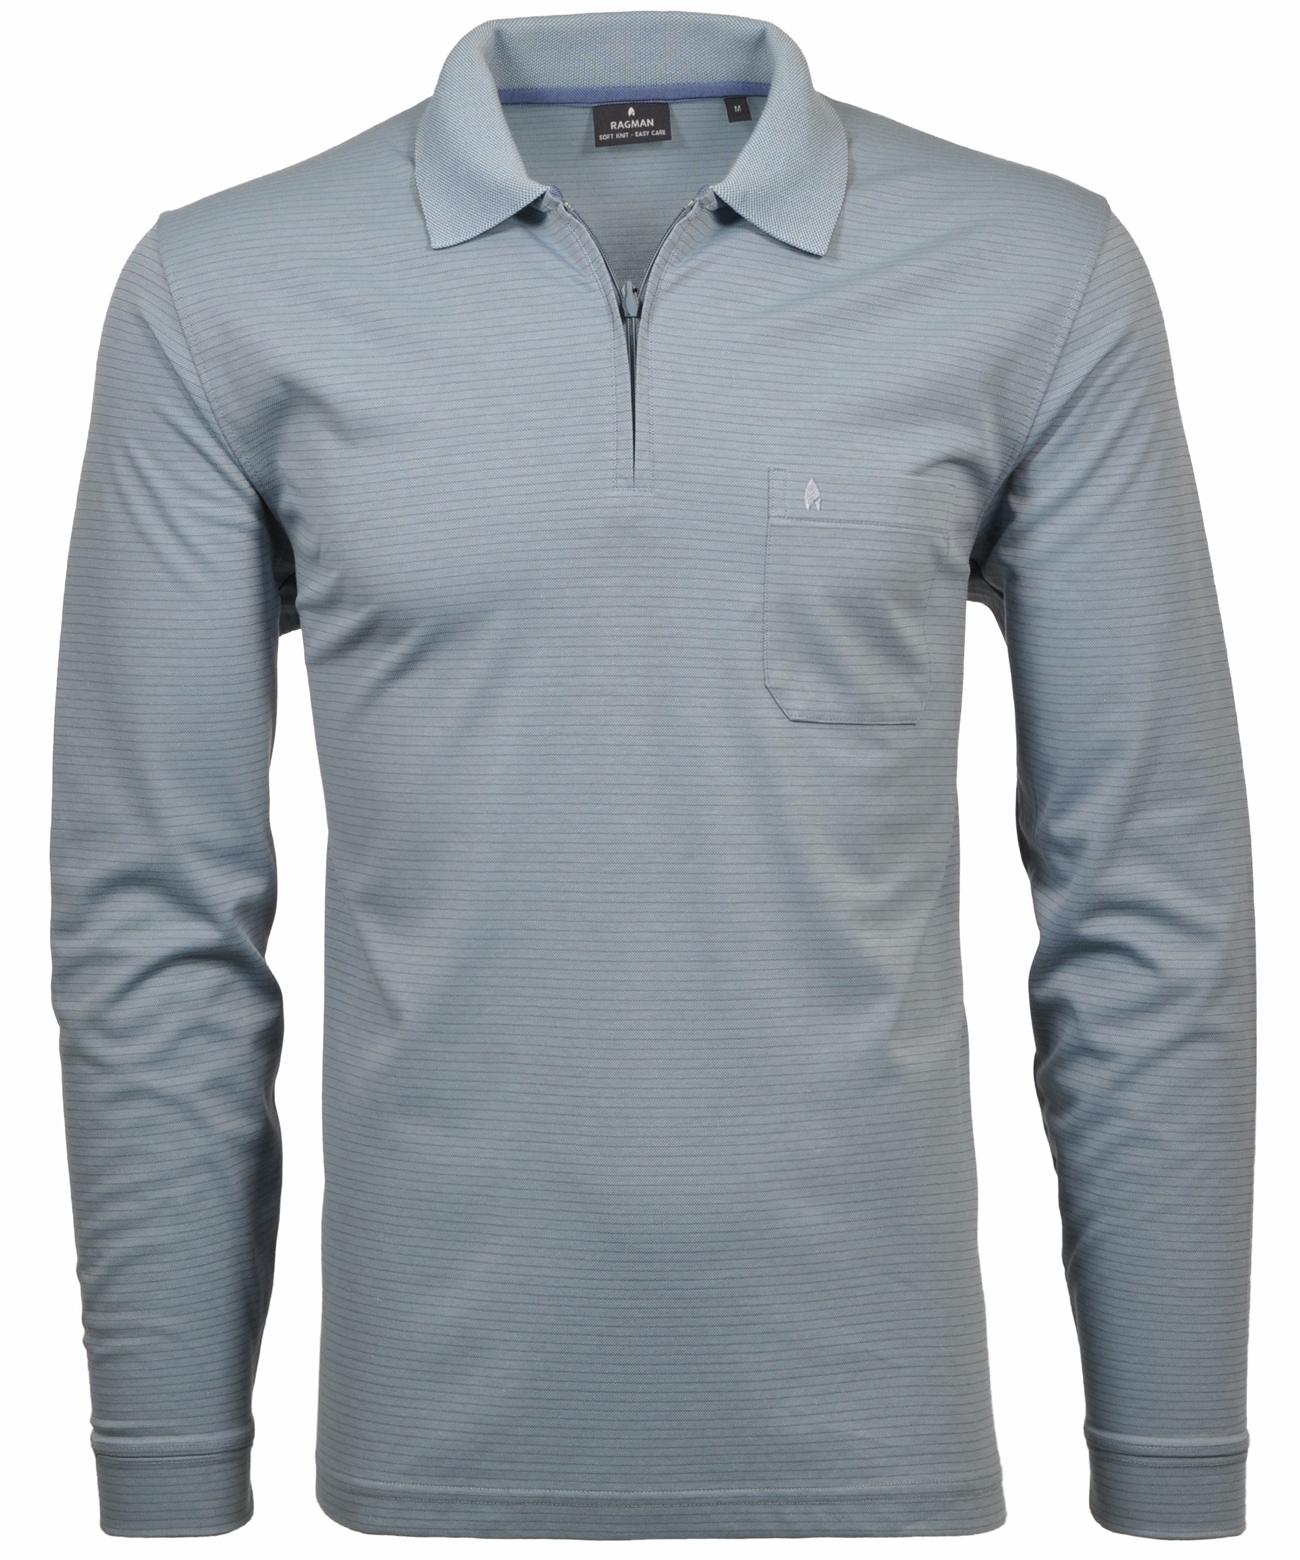 RAGMAN Poloshirt   Bekleidung > Polo Shirts   Ragman